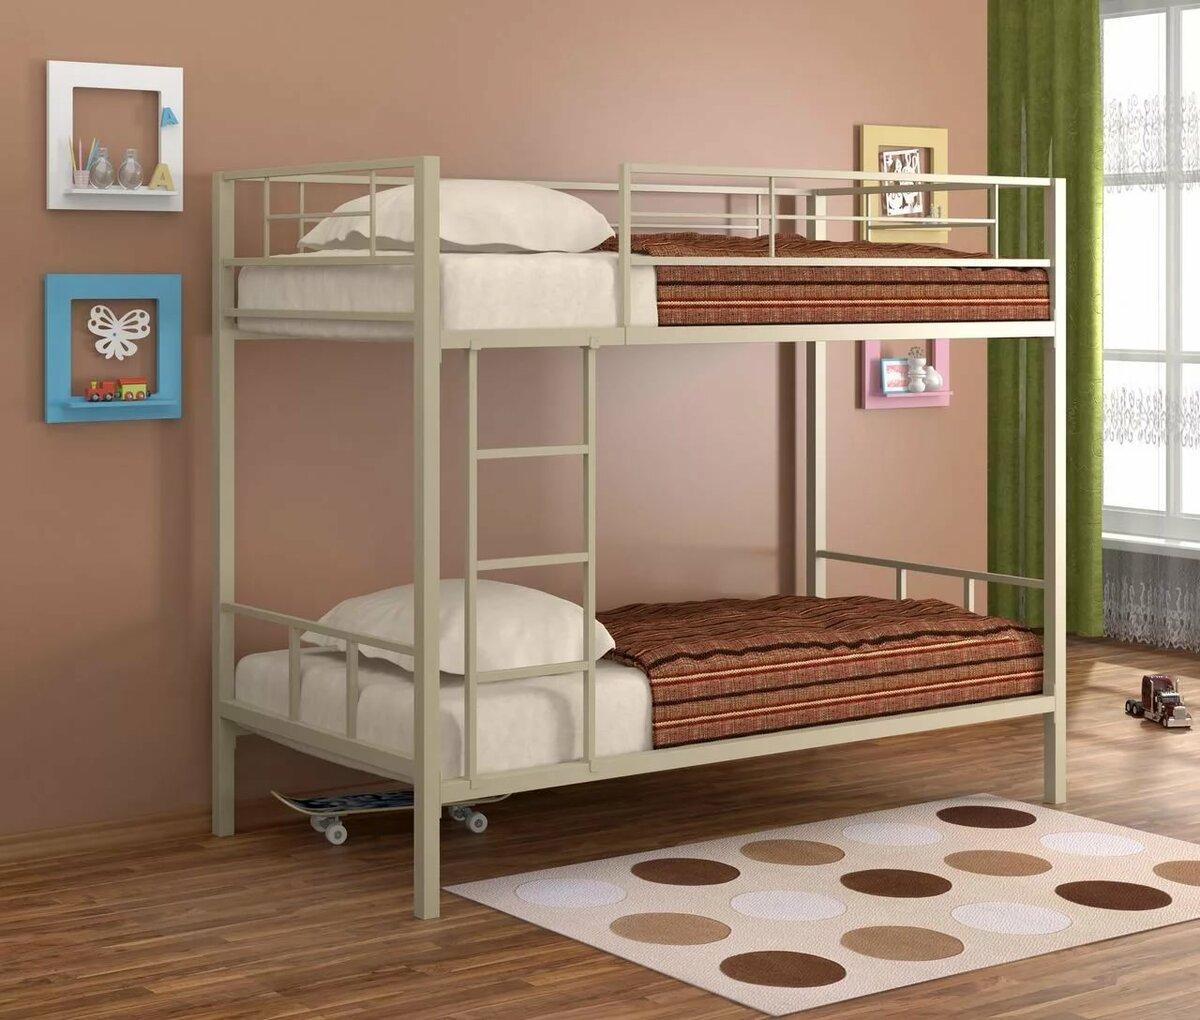 металлическая двухъярусная кровать идеи